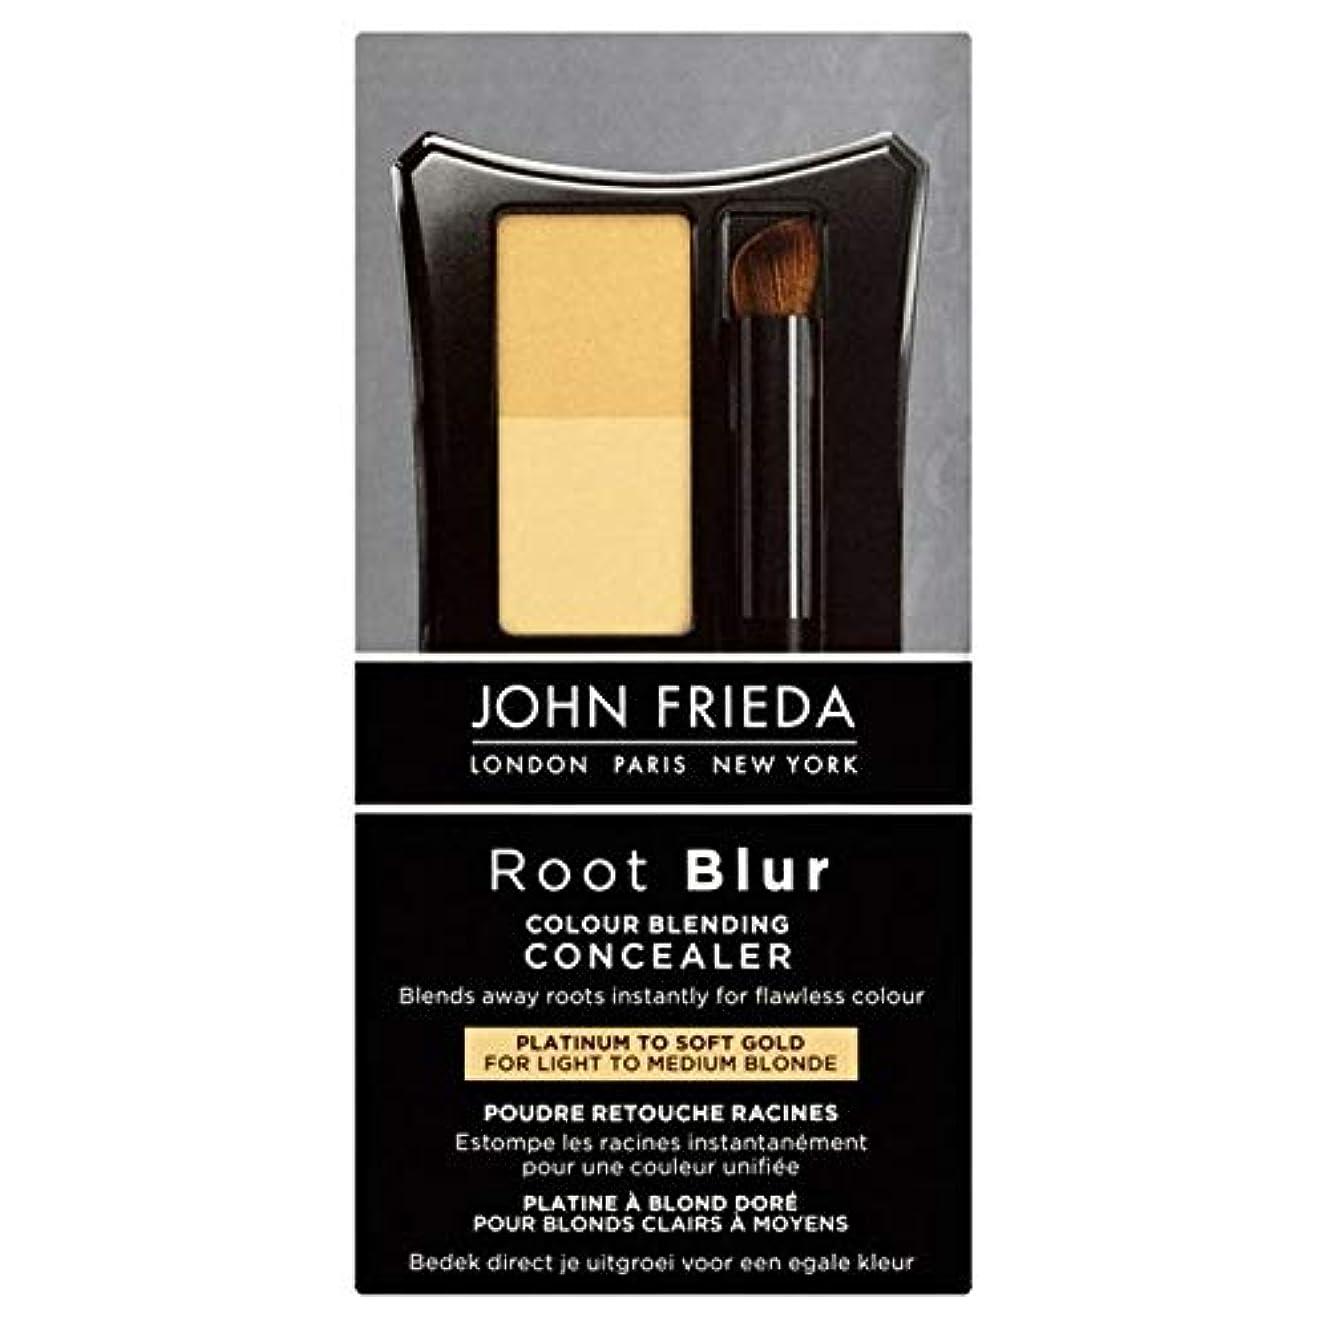 合わせて酸素繕う[John Frieda ] 柔らかい金の90グラムにジョン?フリーダルートぼかしカラーブレンドコンシーラープラチナ - John Frieda Root Blur Colour Blending Concealer Platinum to Soft Gold 90g [並行輸入品]